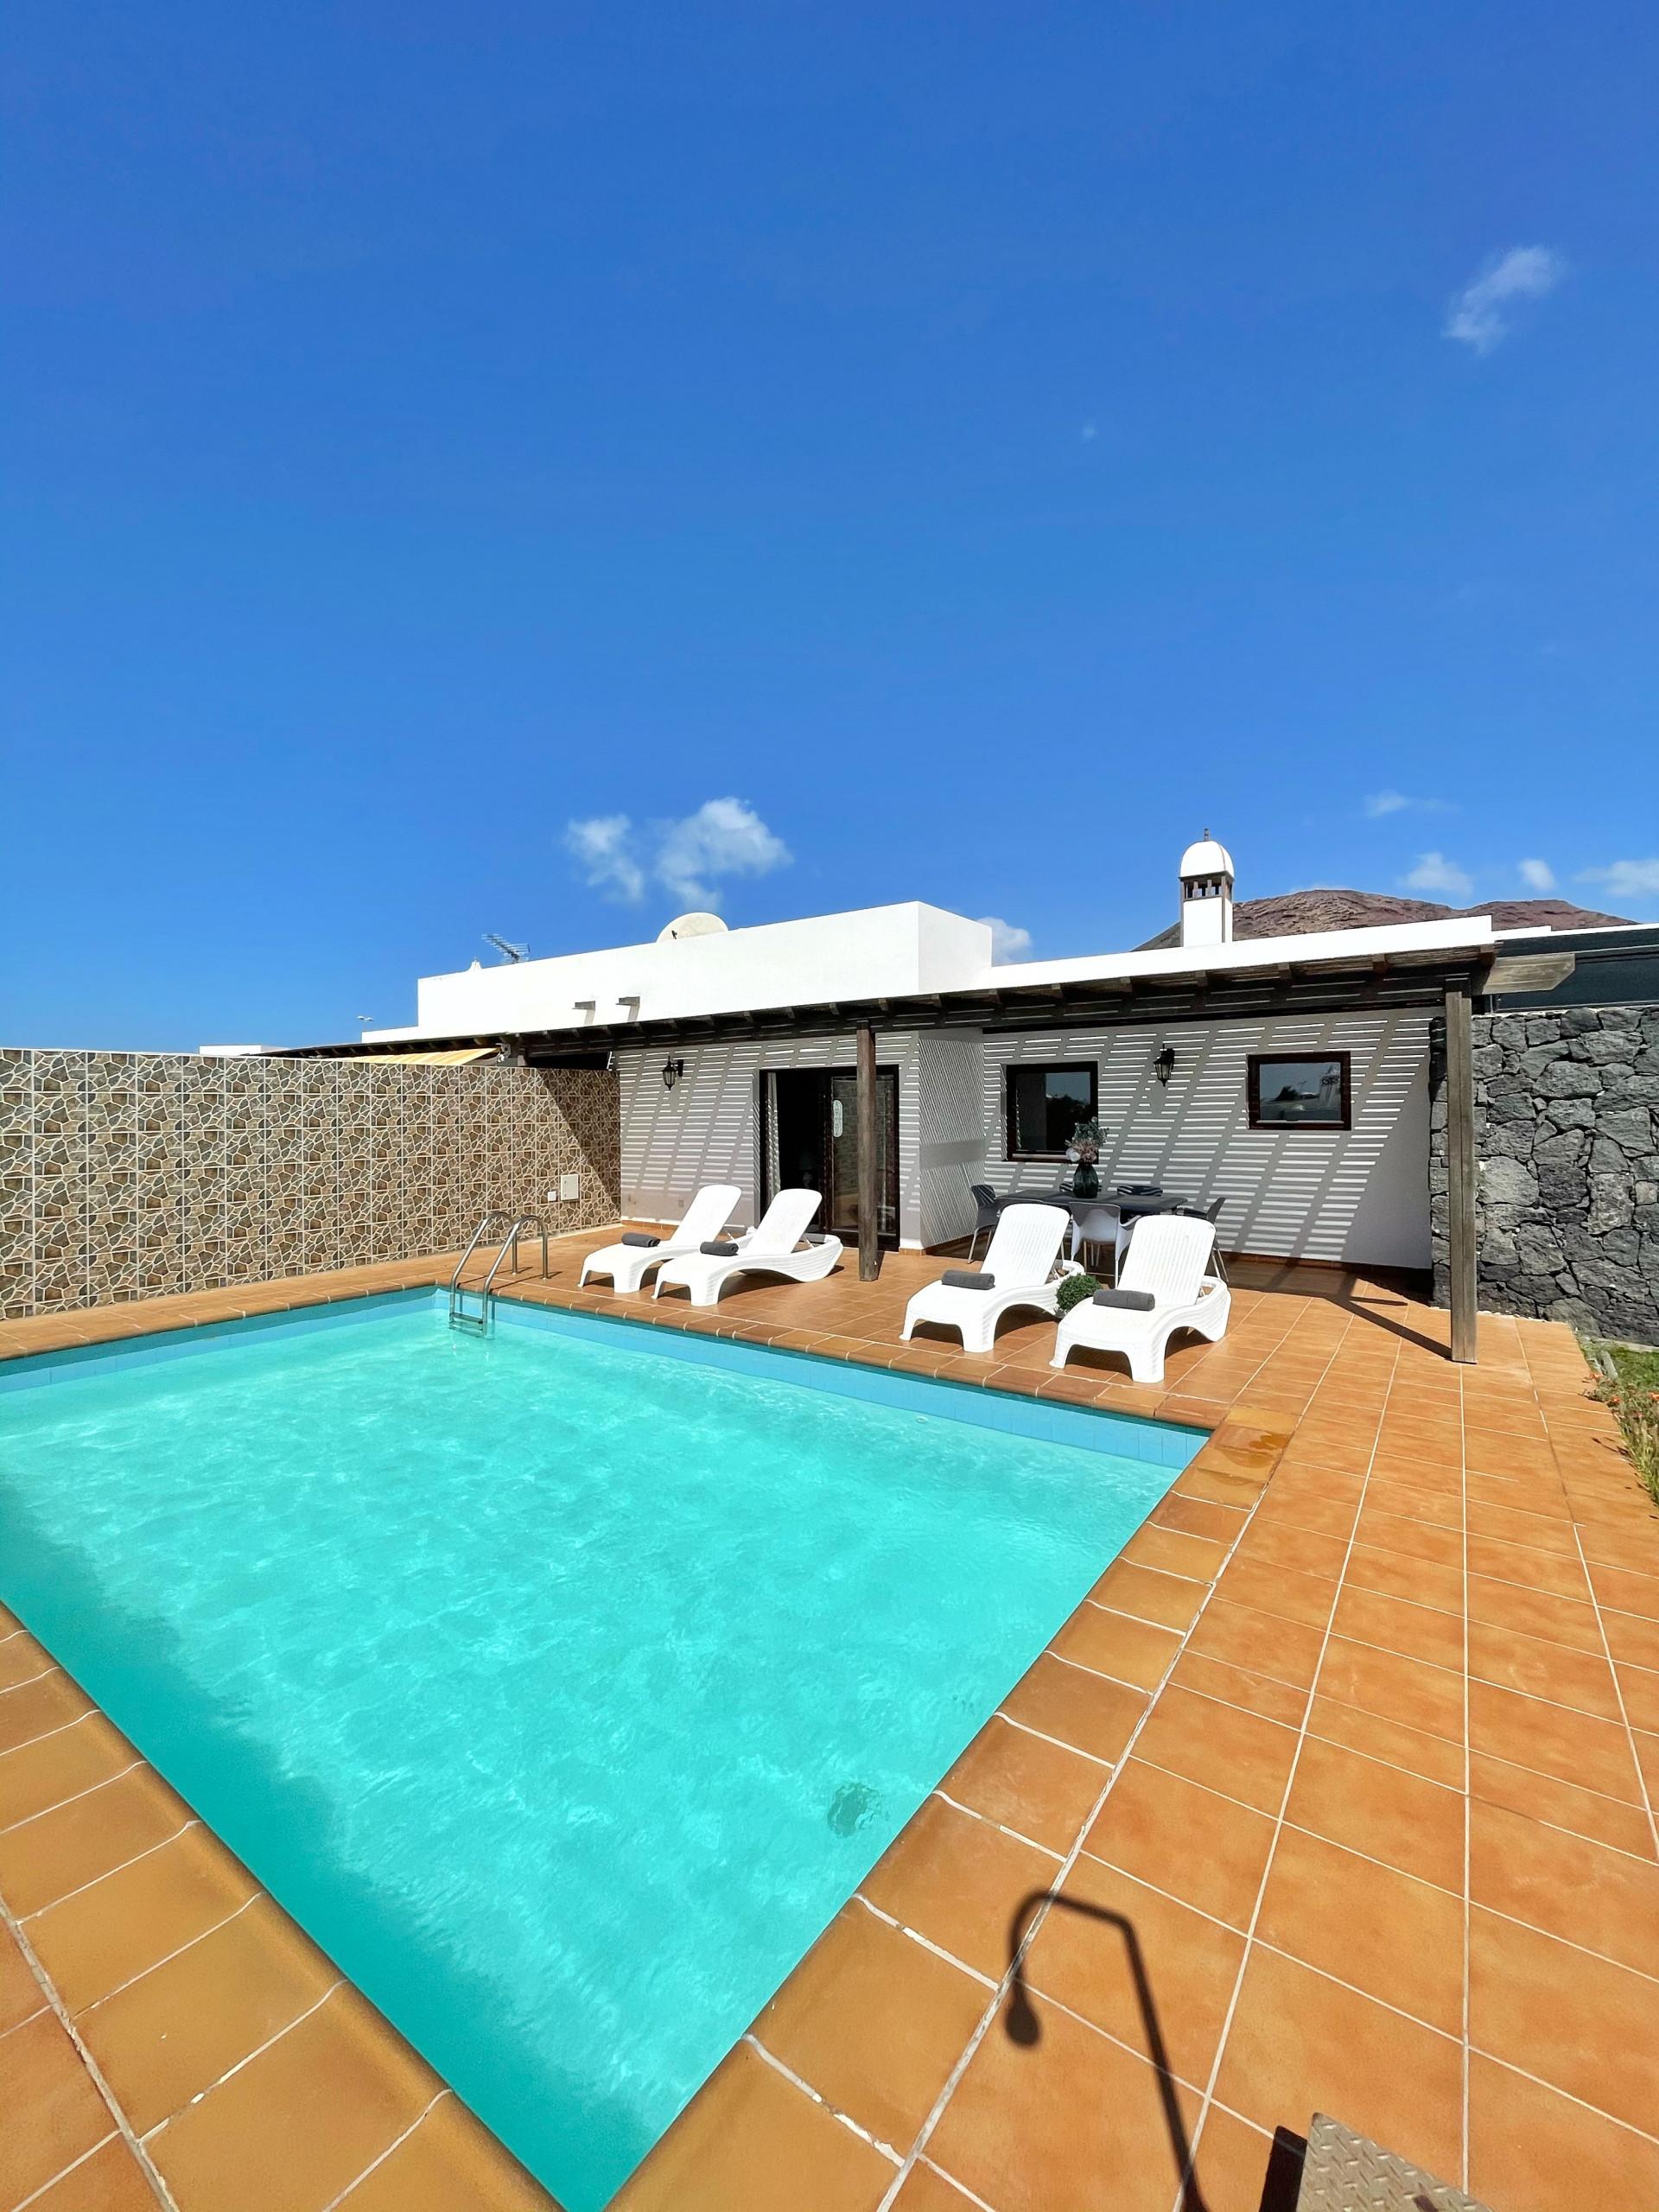 Villa/Dettached house in Playa Blanca - VILLA LA ISLA PLAYA BLANCA